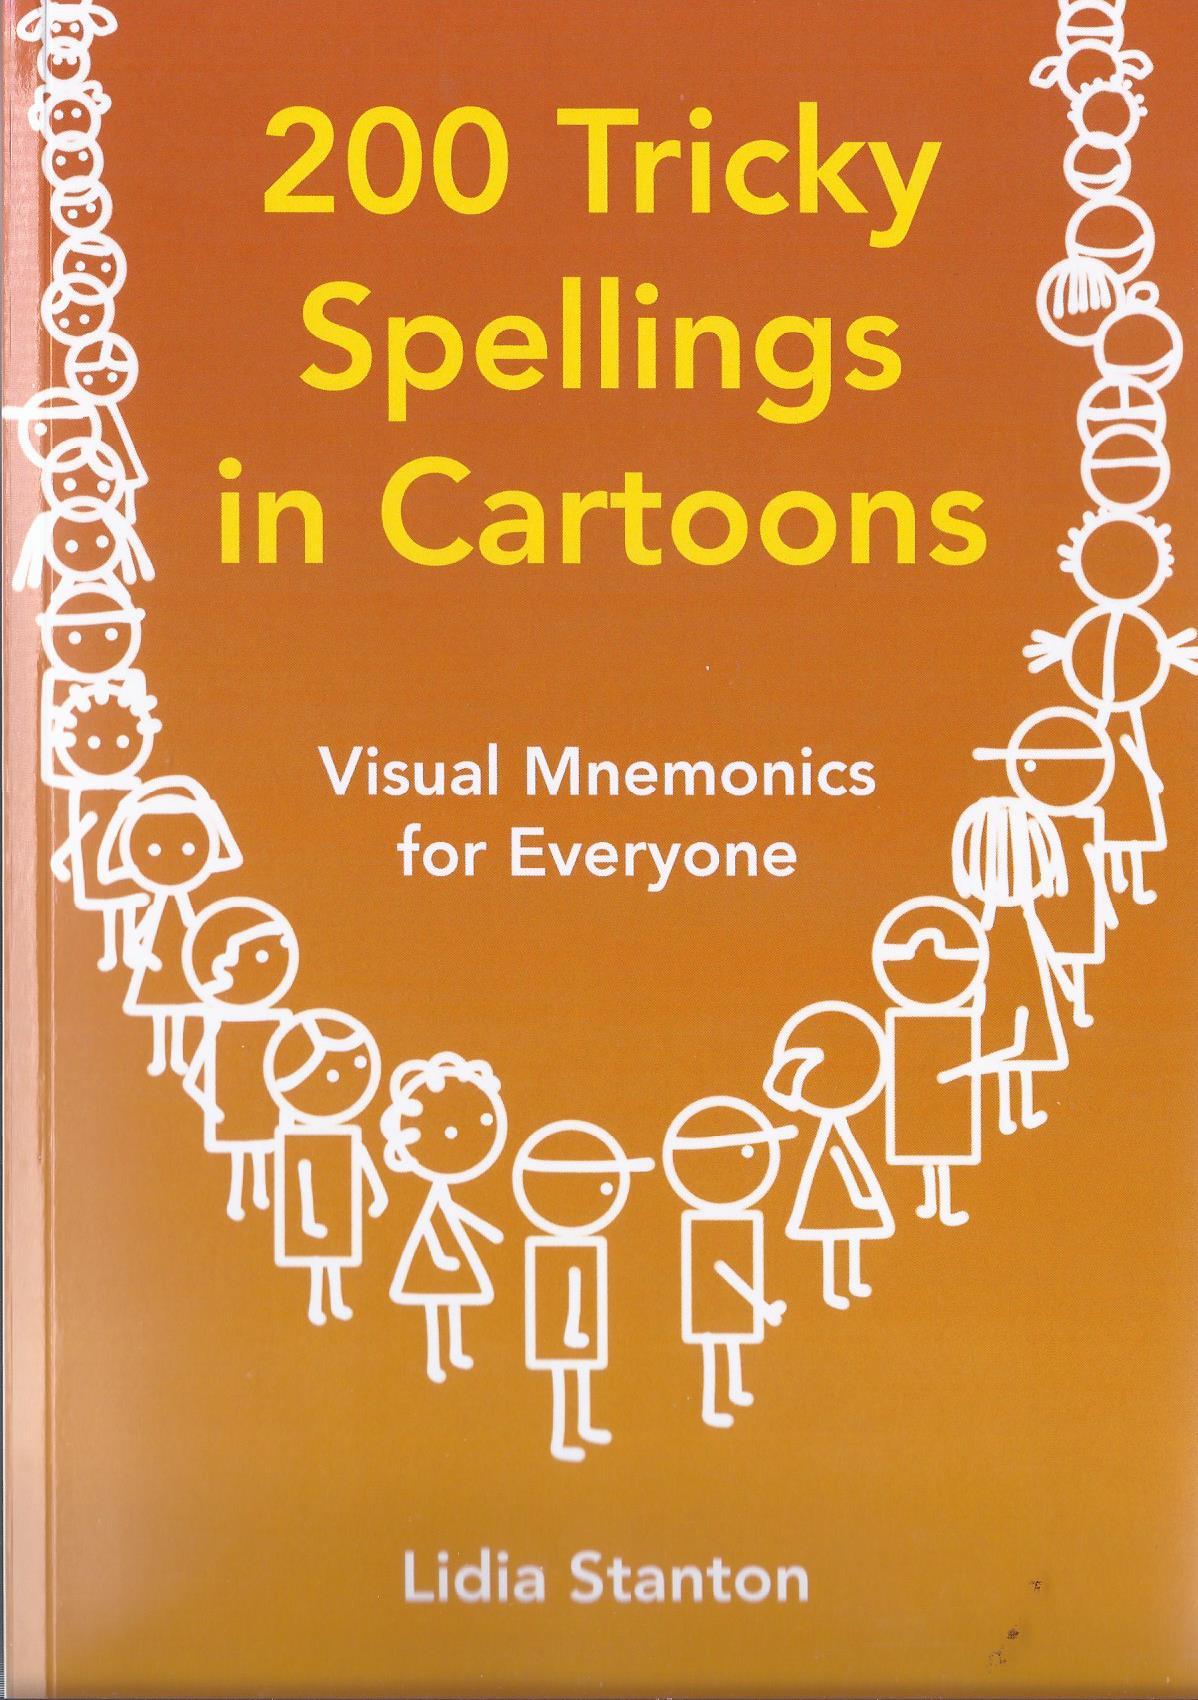 200 Tricky Spellings in Cartoons-0